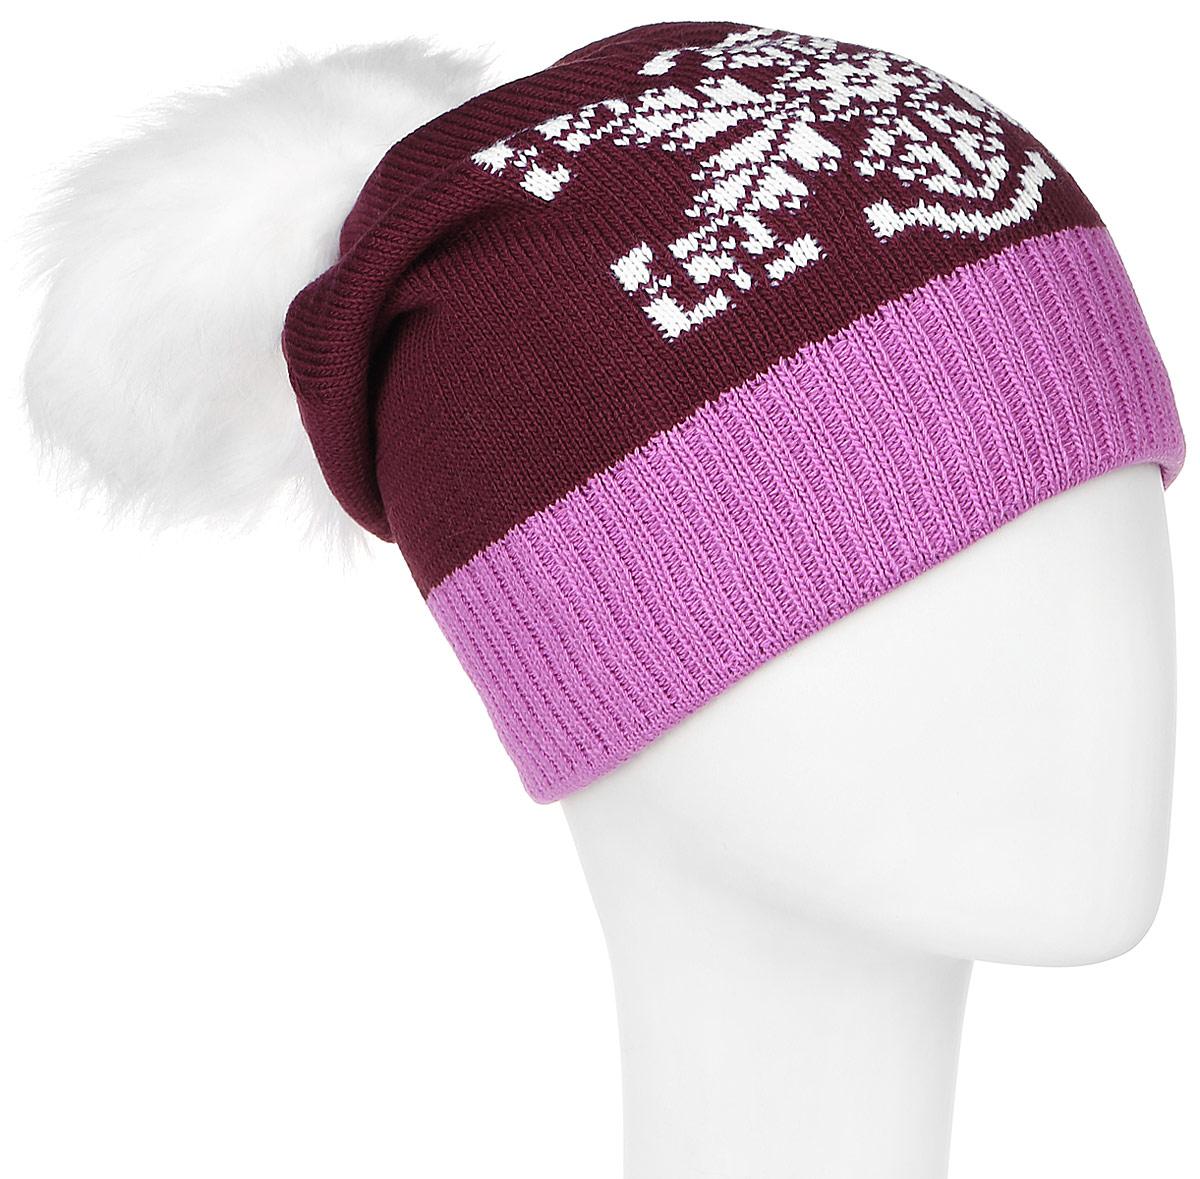 ШапкаRGH5312/1Детская шапка Elfrio выполнена из акрила, подкладка - из полиэстера. Модель мелкой вязки, украшена принтом в виде снежинки, дополнена помпоном из искусственного меха, низ изделия оформлен вязаной резинкой. Уважаемые клиенты! Размер, доступный для заказа, является обхватом головы.